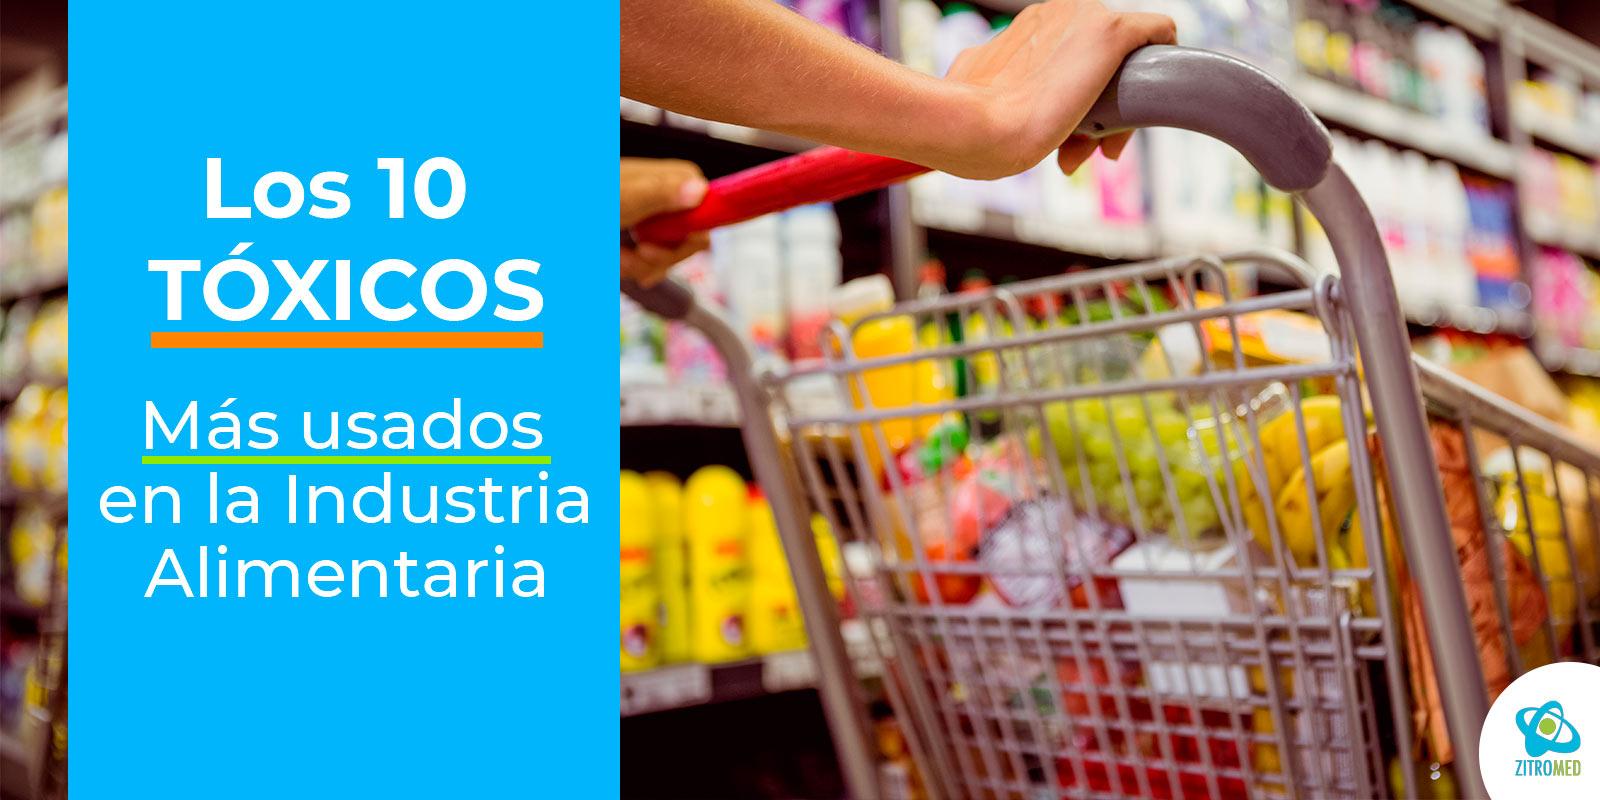 Los 10 tóxicos más usados por la industria alimentaria